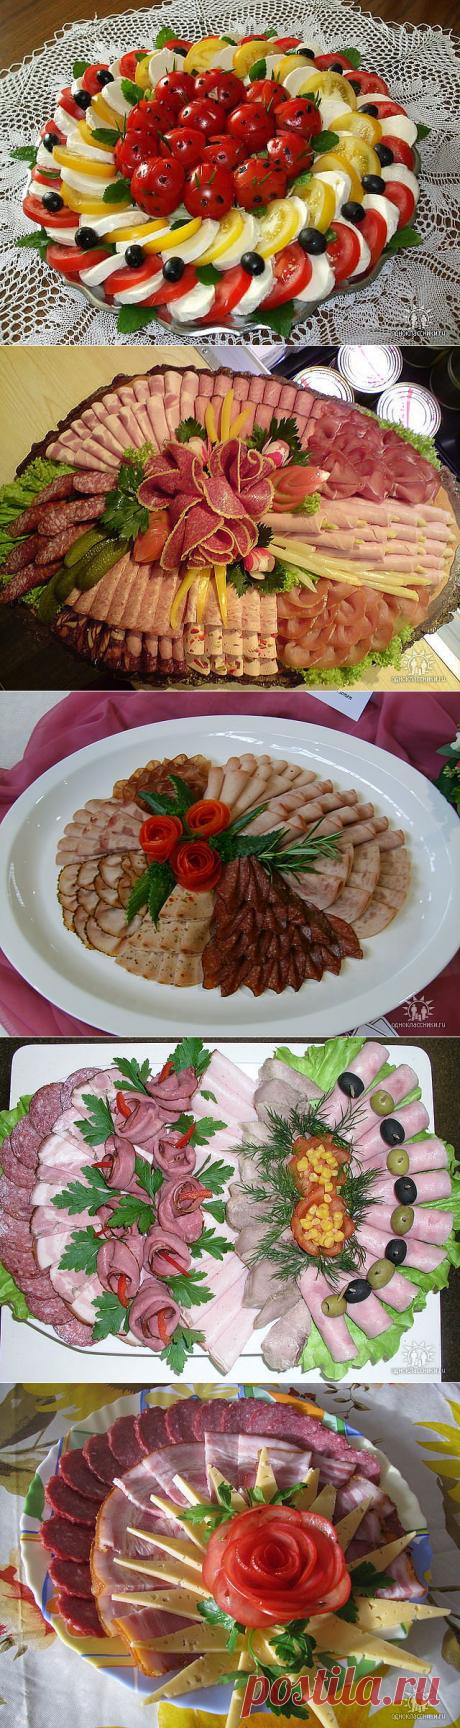 Los cortes hermosos (la formalización de los platos)